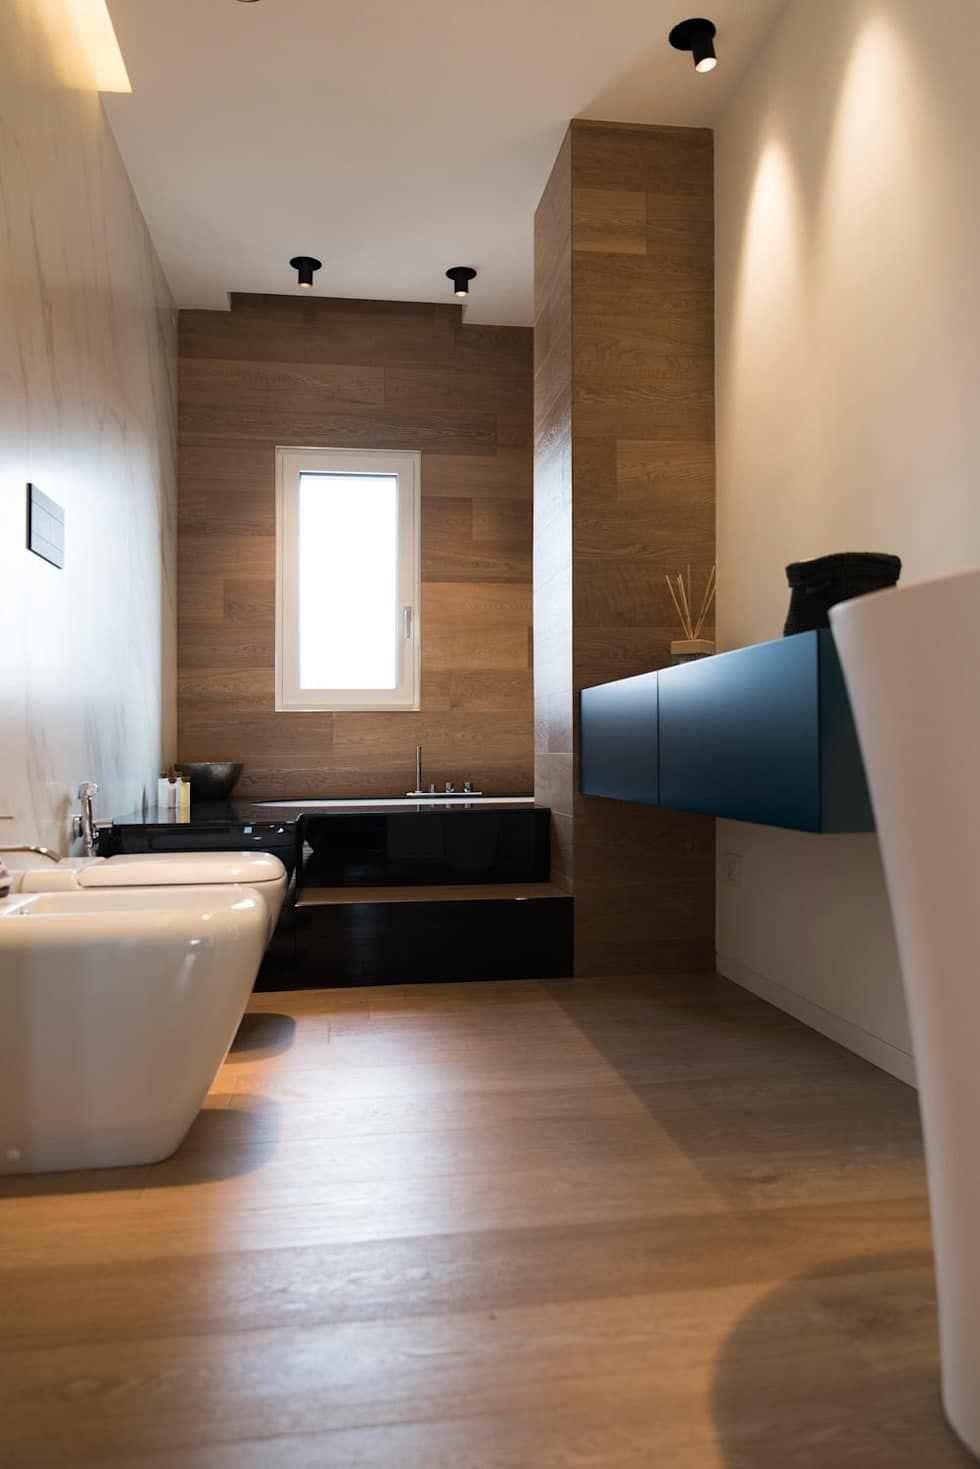 50 idee per ristrutturare un bagno piccolo, moderno e ...